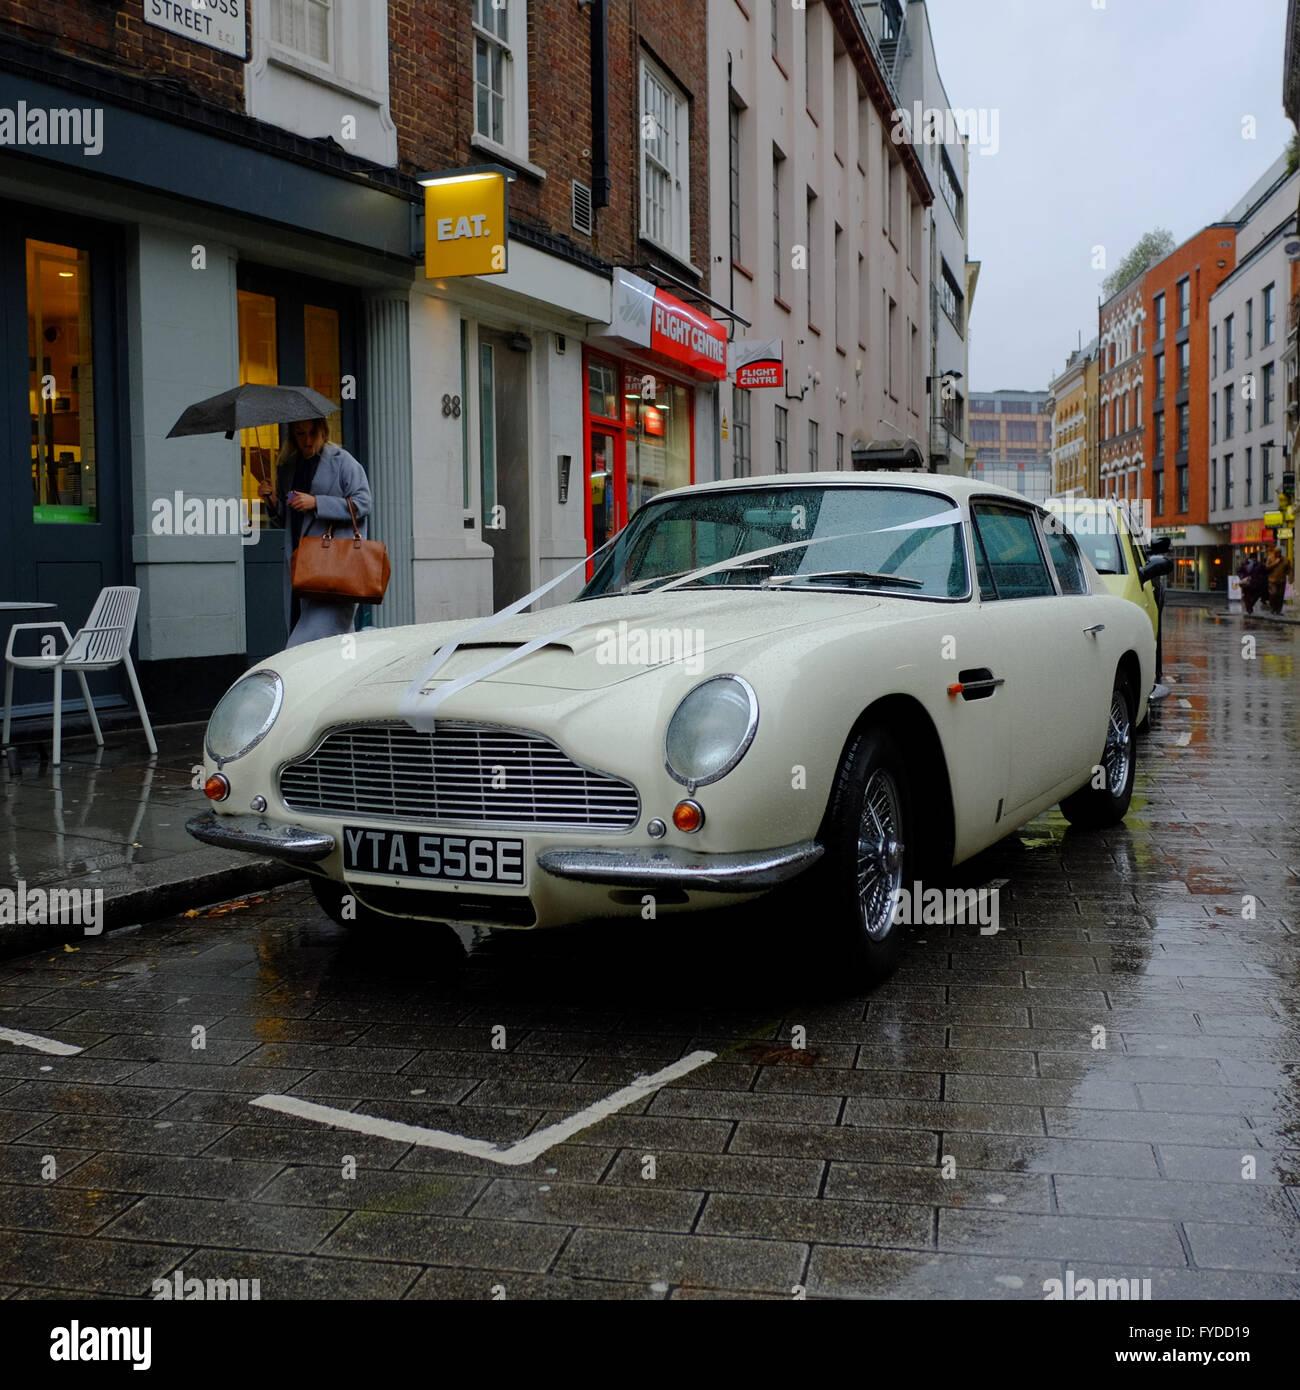 White Aston Martin Stock Photos & White Aston Martin Stock